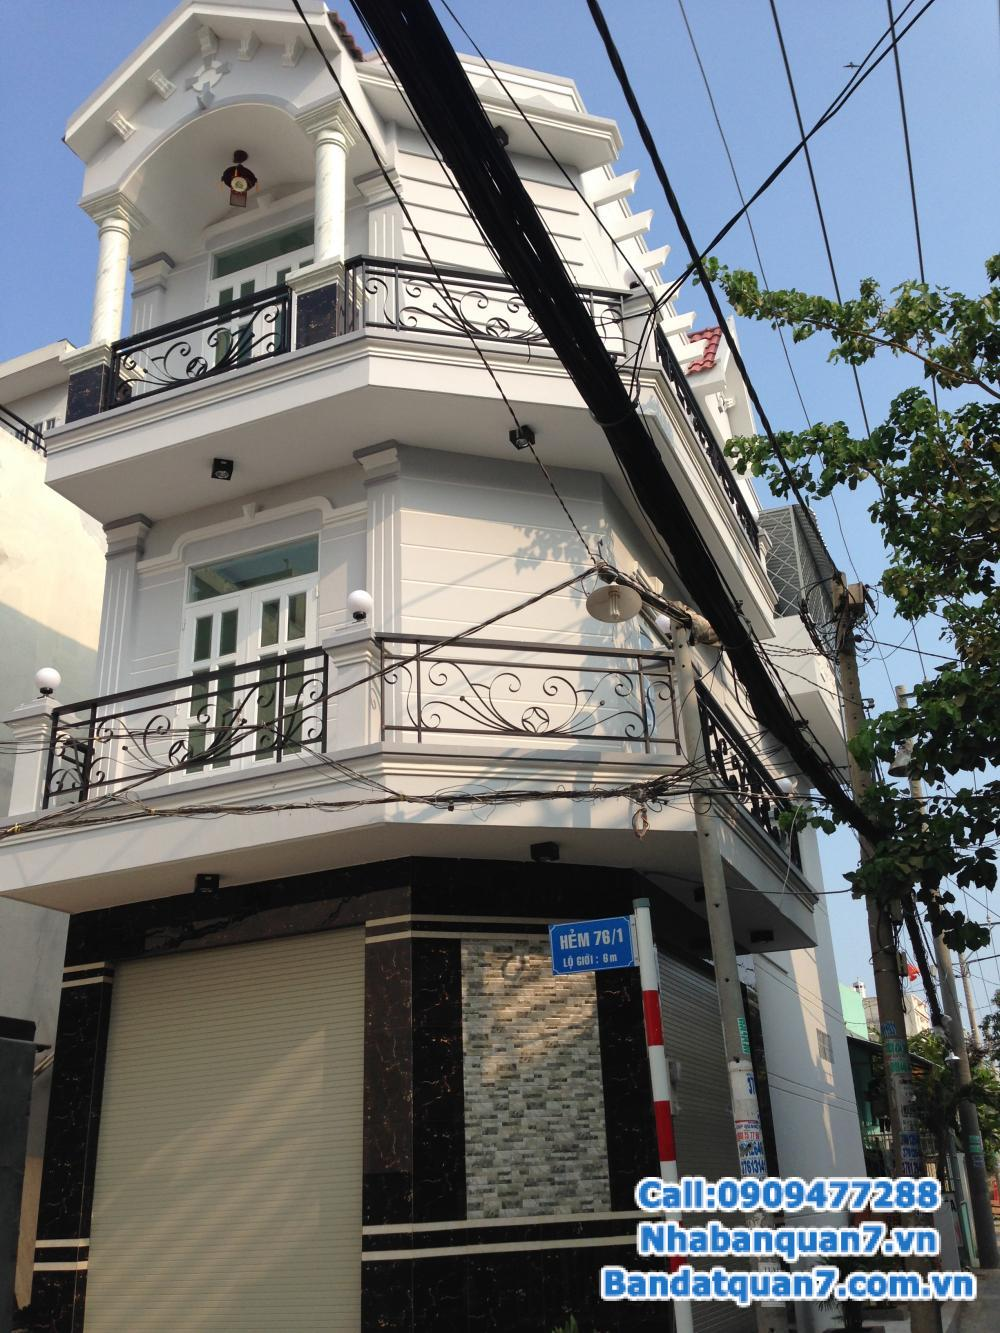 Bán nhà 4x13m 1 trệt 2 lầu, sạch đẹp, an ninh tốt, hướng Đông Bắc khu Kiều Đàm